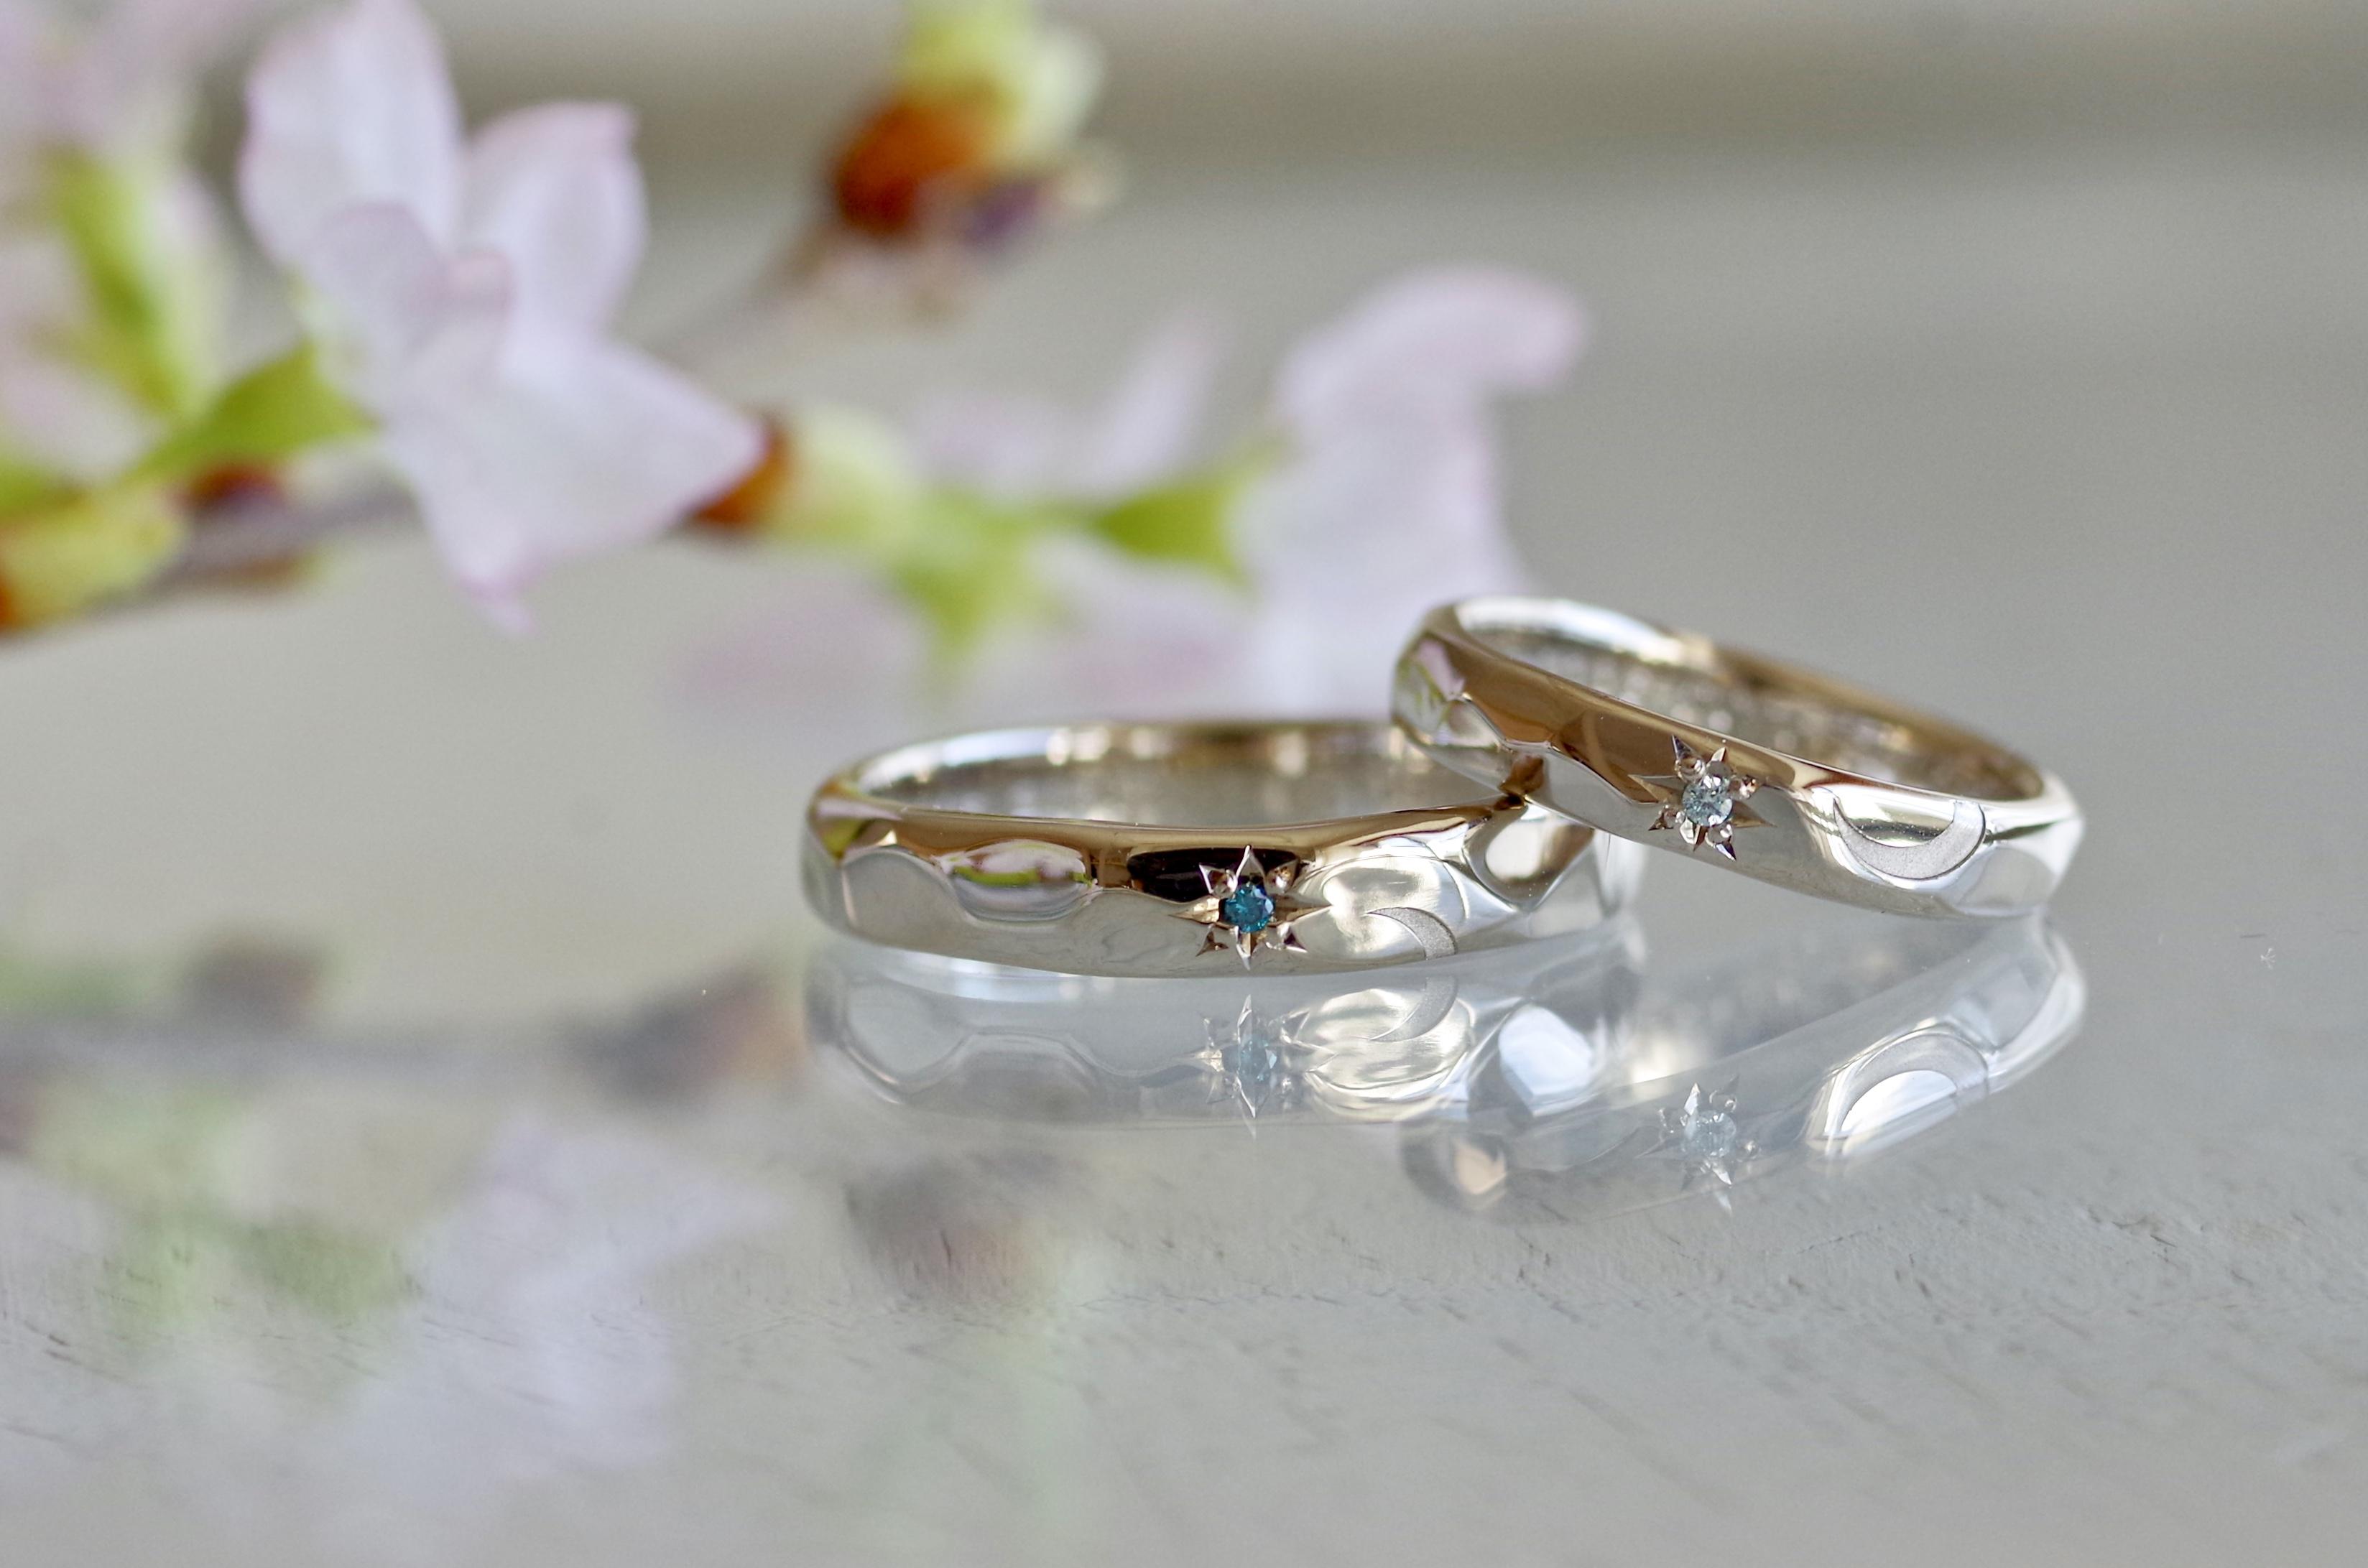 結婚指輪 オーダーメイド ダイヤモンド追加 カラーダイヤ